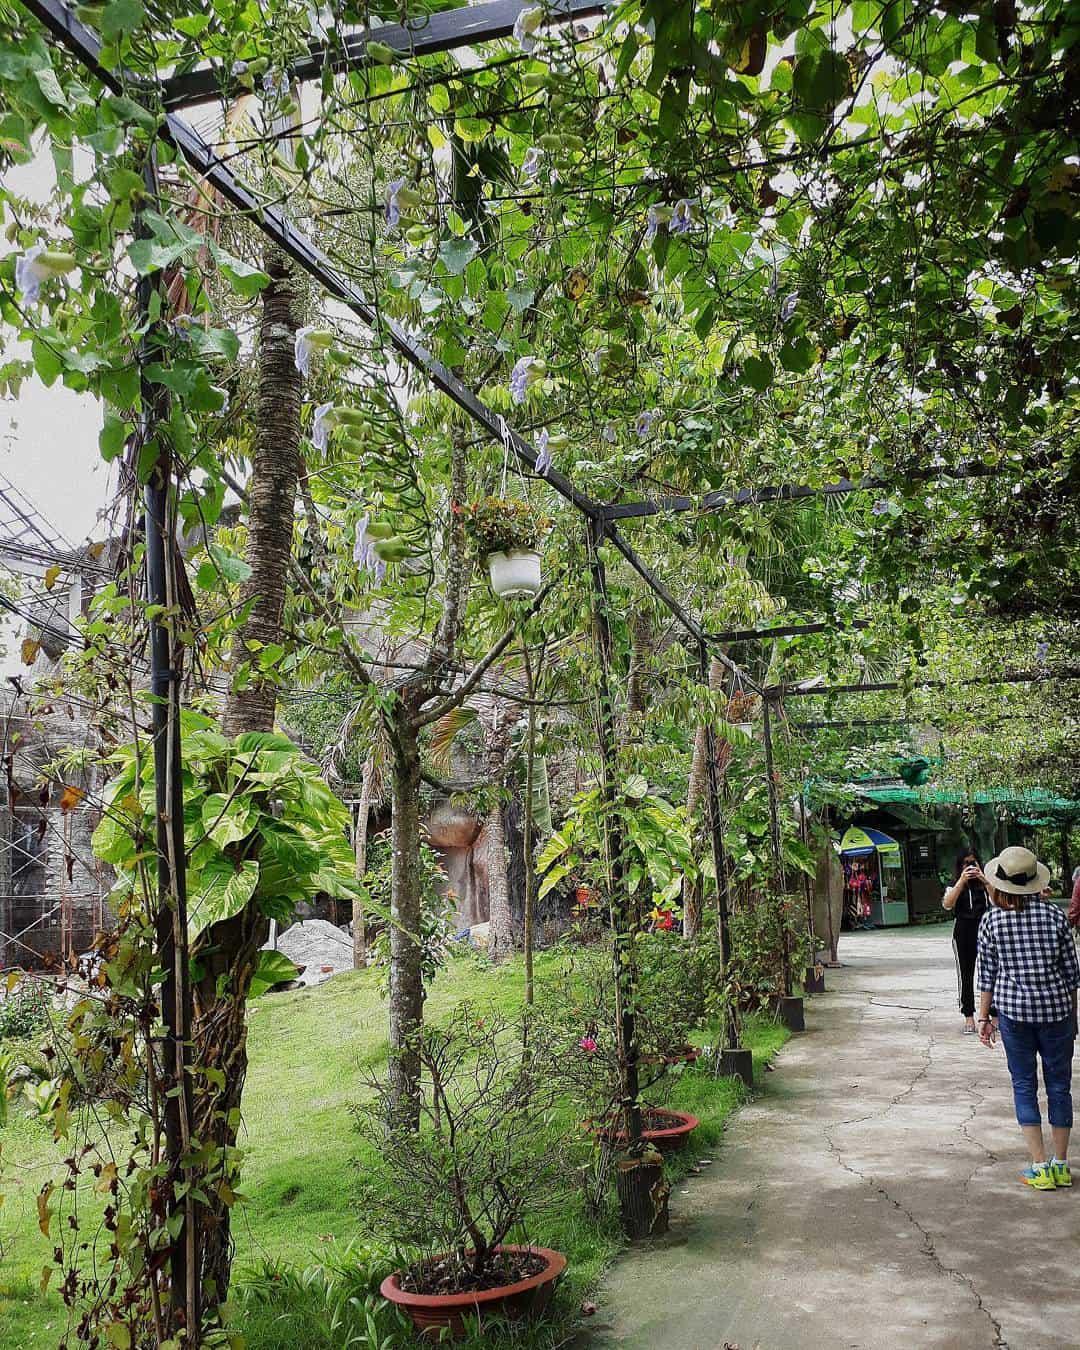 Con đường dẫn đến vựa trái cây